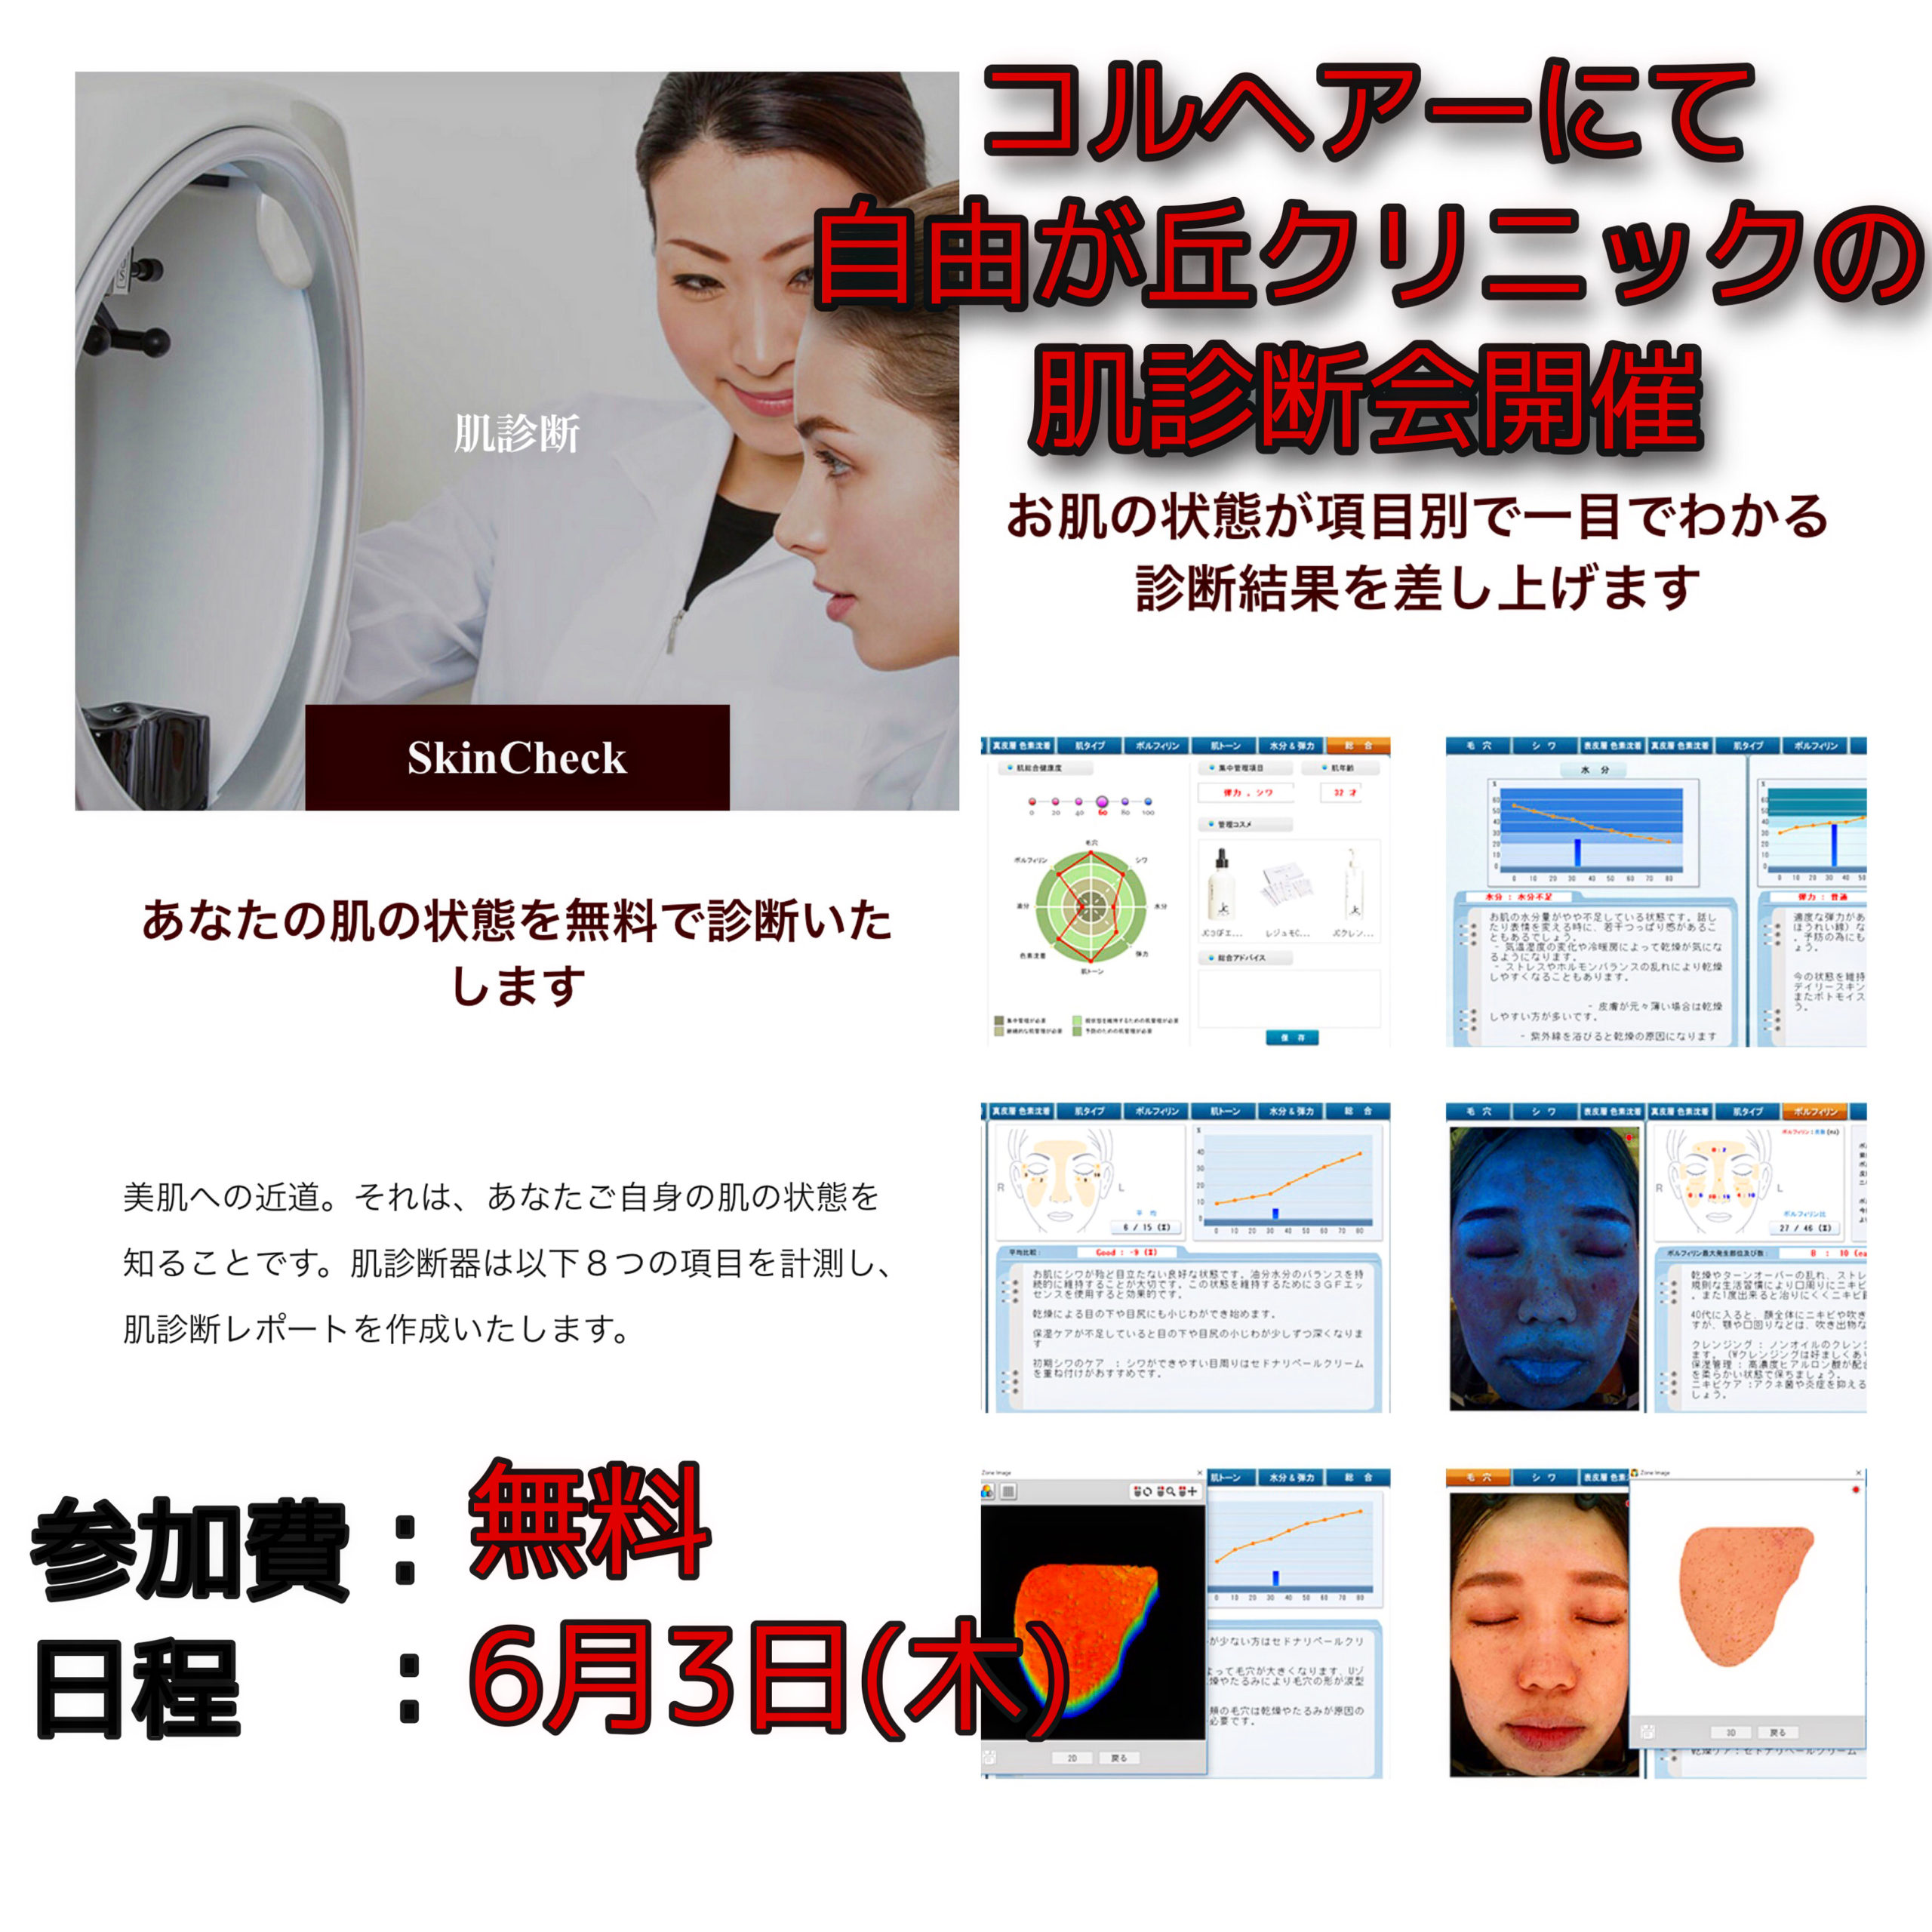 無料肌診断会のお知らせ